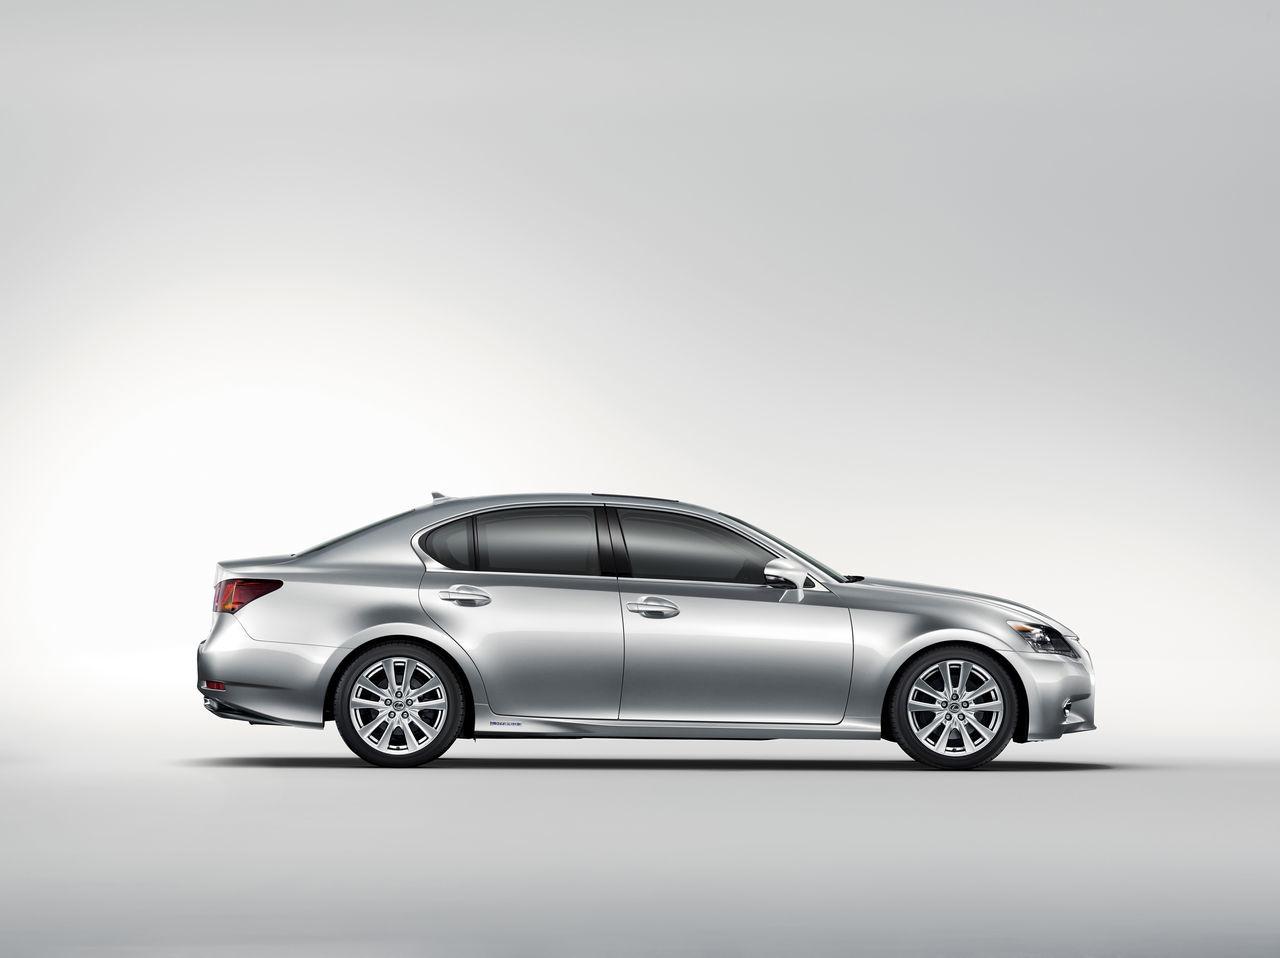 Foto de Lexus GS 450h (2012) (3/62)